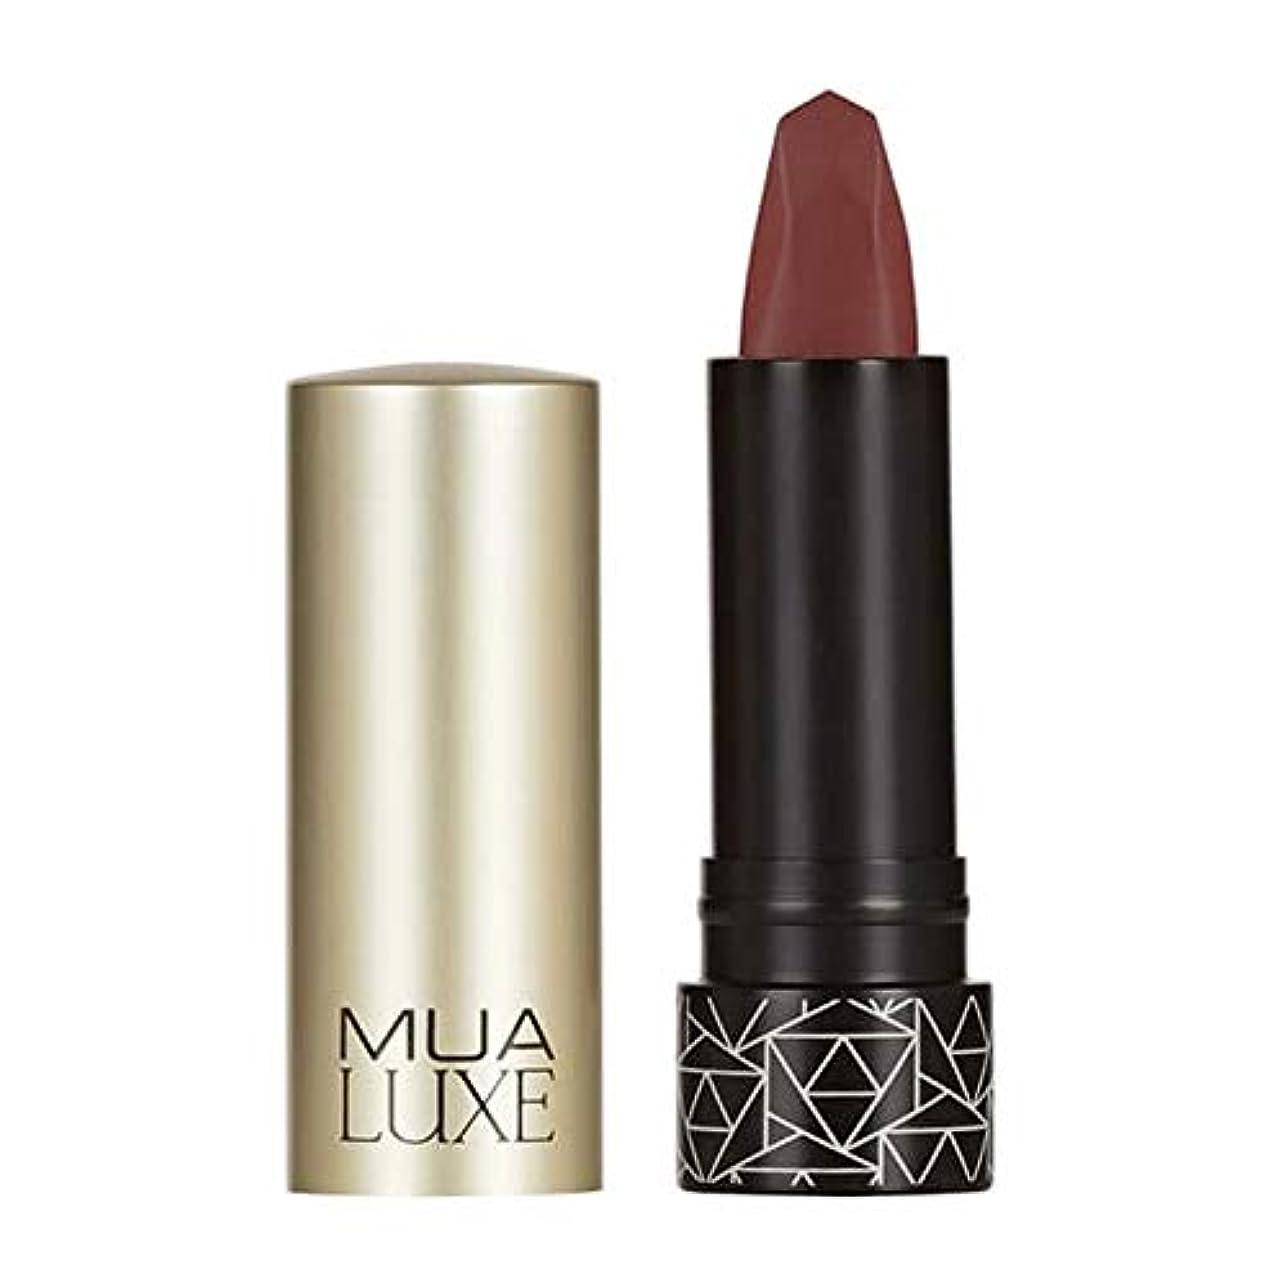 損失動かす否定する[MUA] Muaラックスベルベットマットリップスティック#3 - MUA Luxe Velvet Matte Lipstick #3 [並行輸入品]